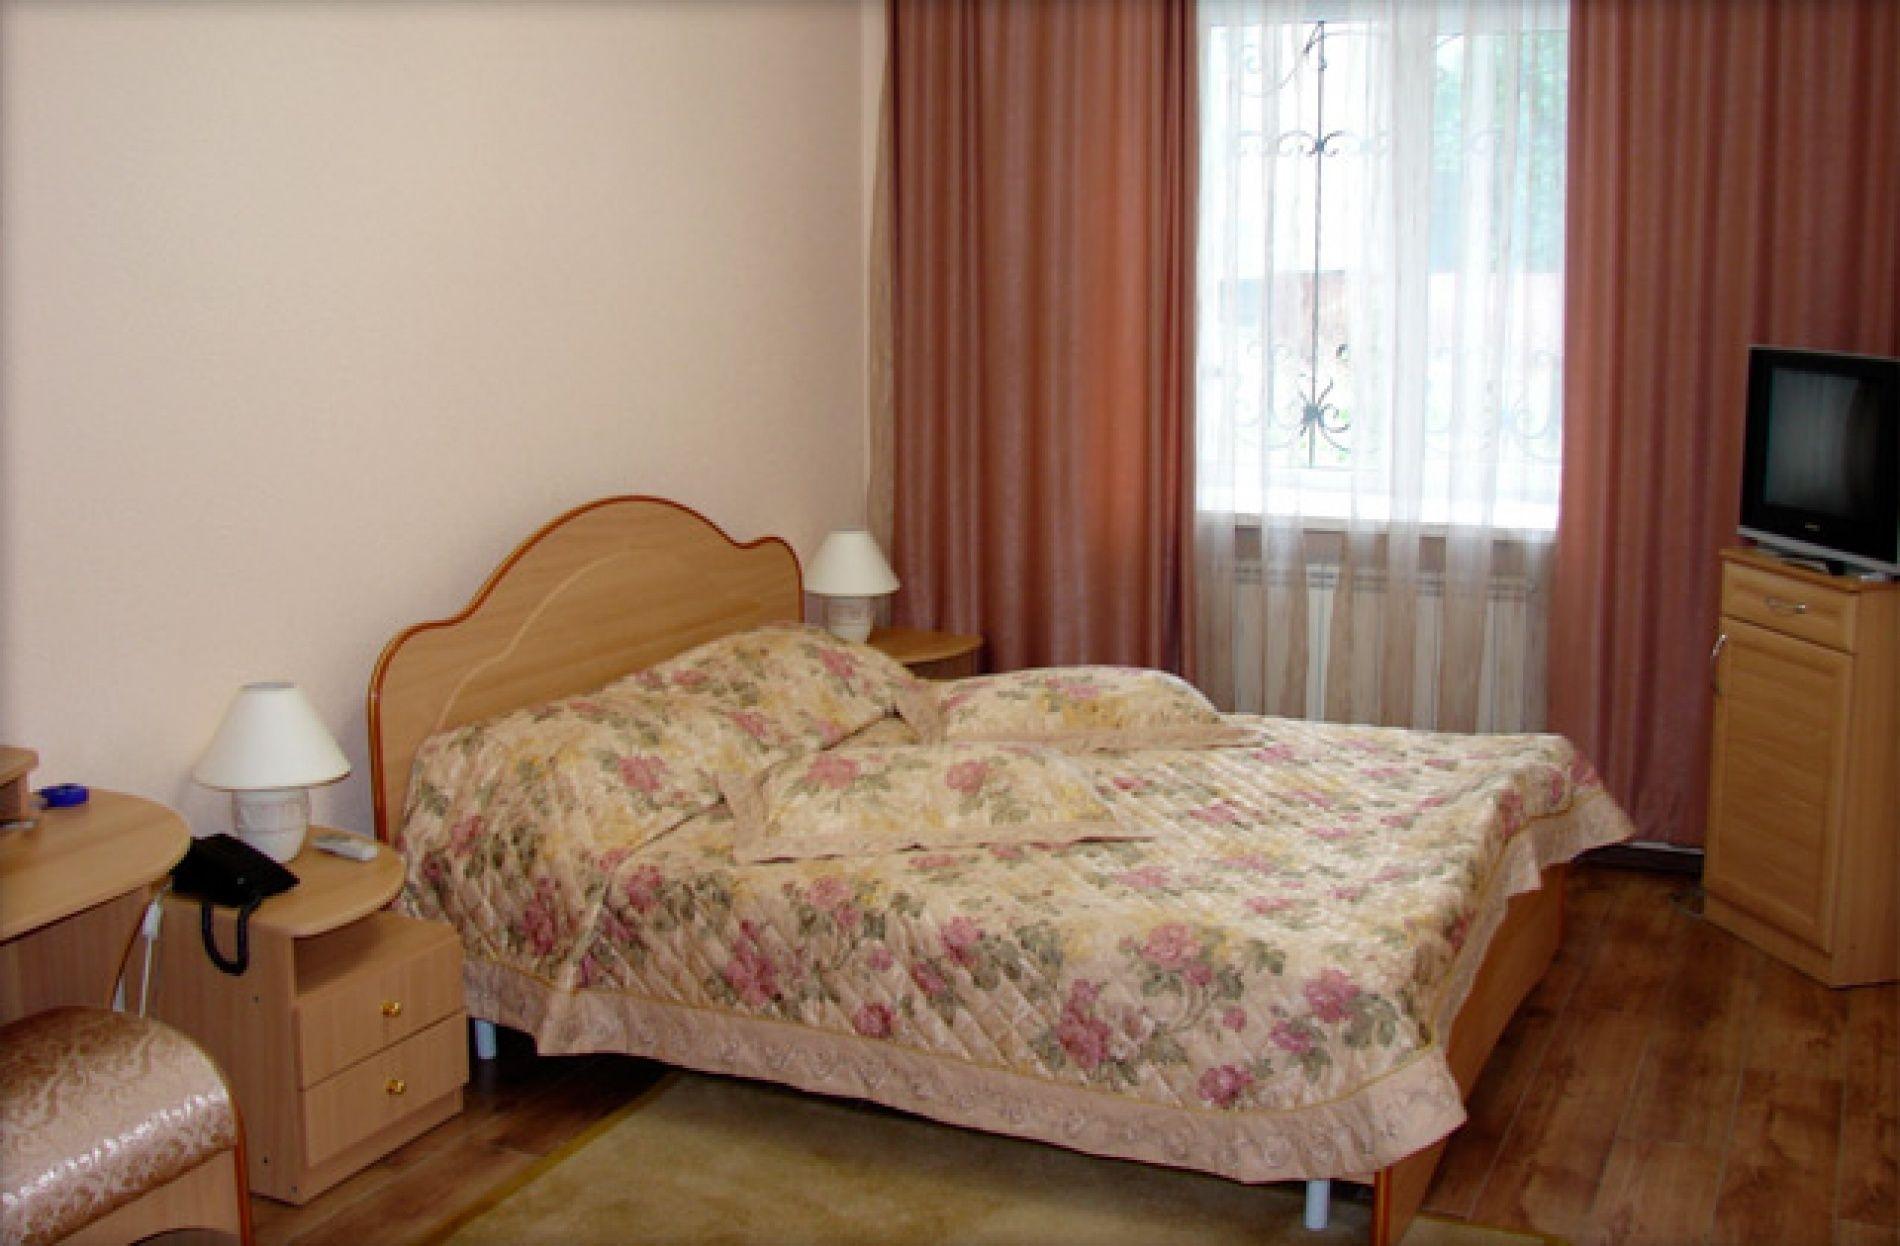 """Гостиница """"Family hotel"""" Курганская область, фото 4"""